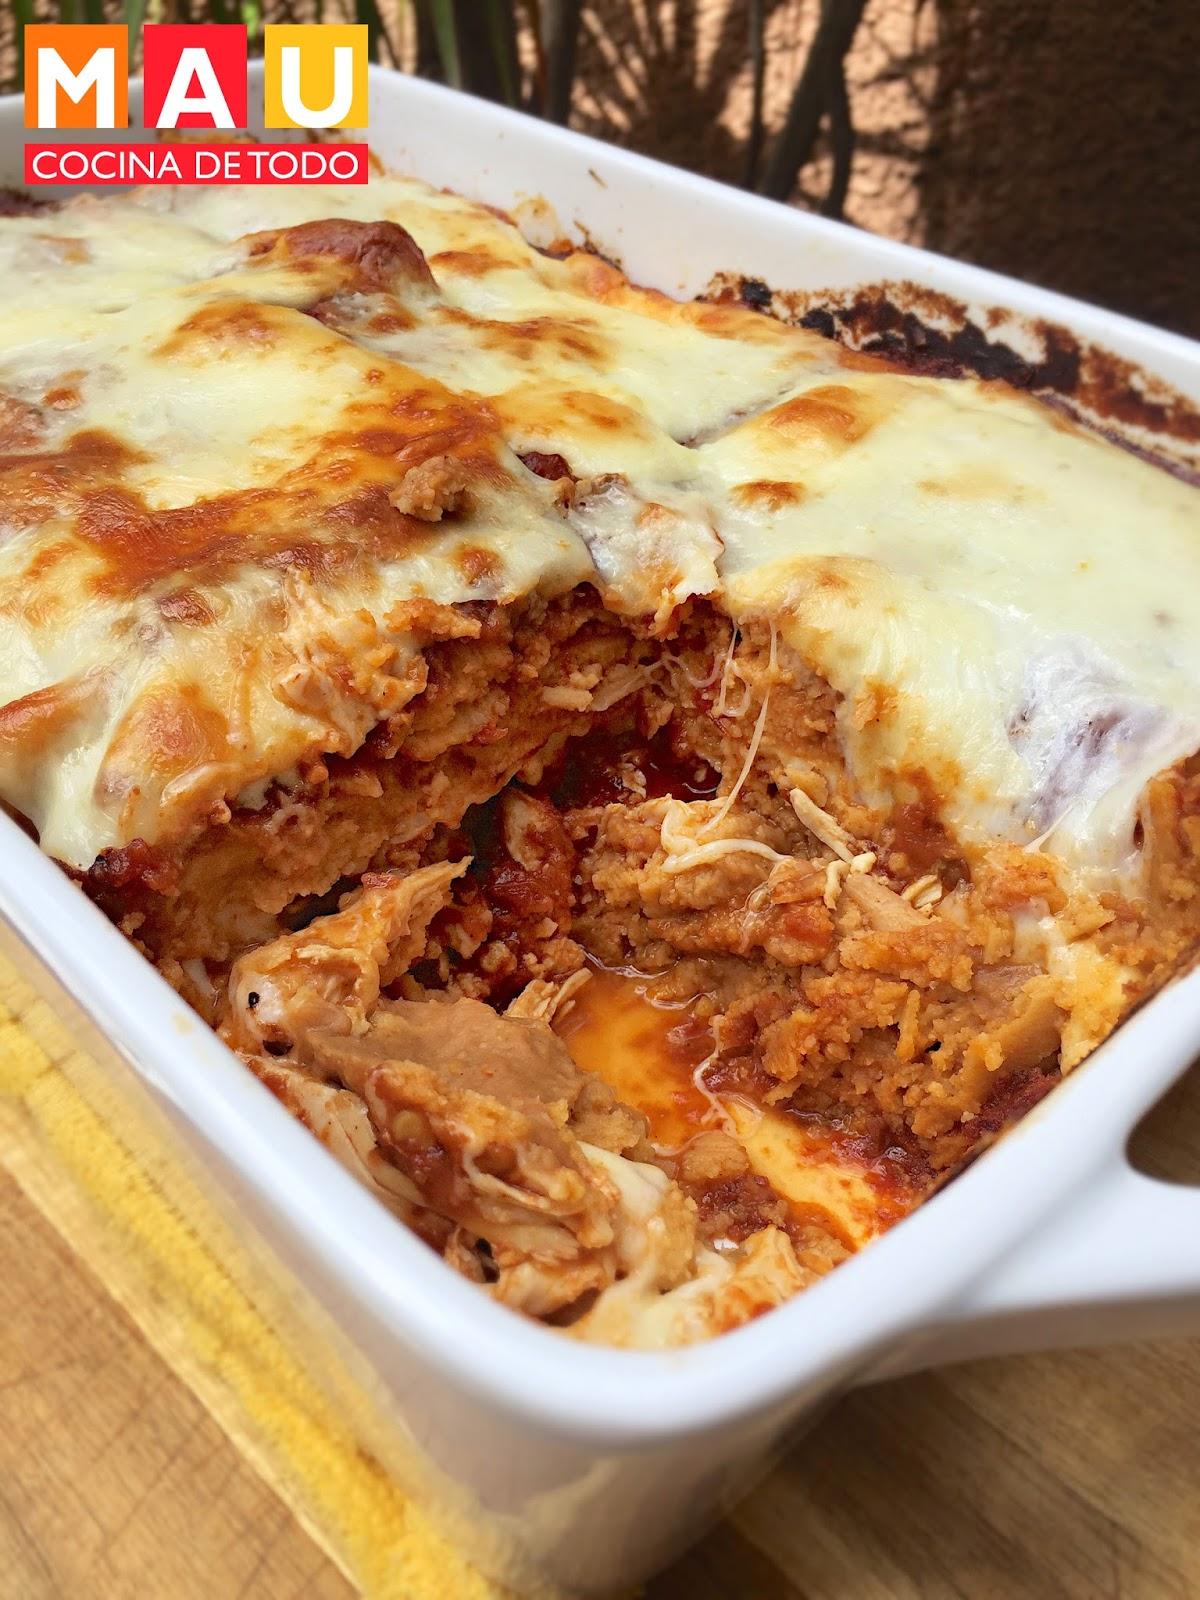 Mau Cocina De Todo Pastel Azteca De Tamales